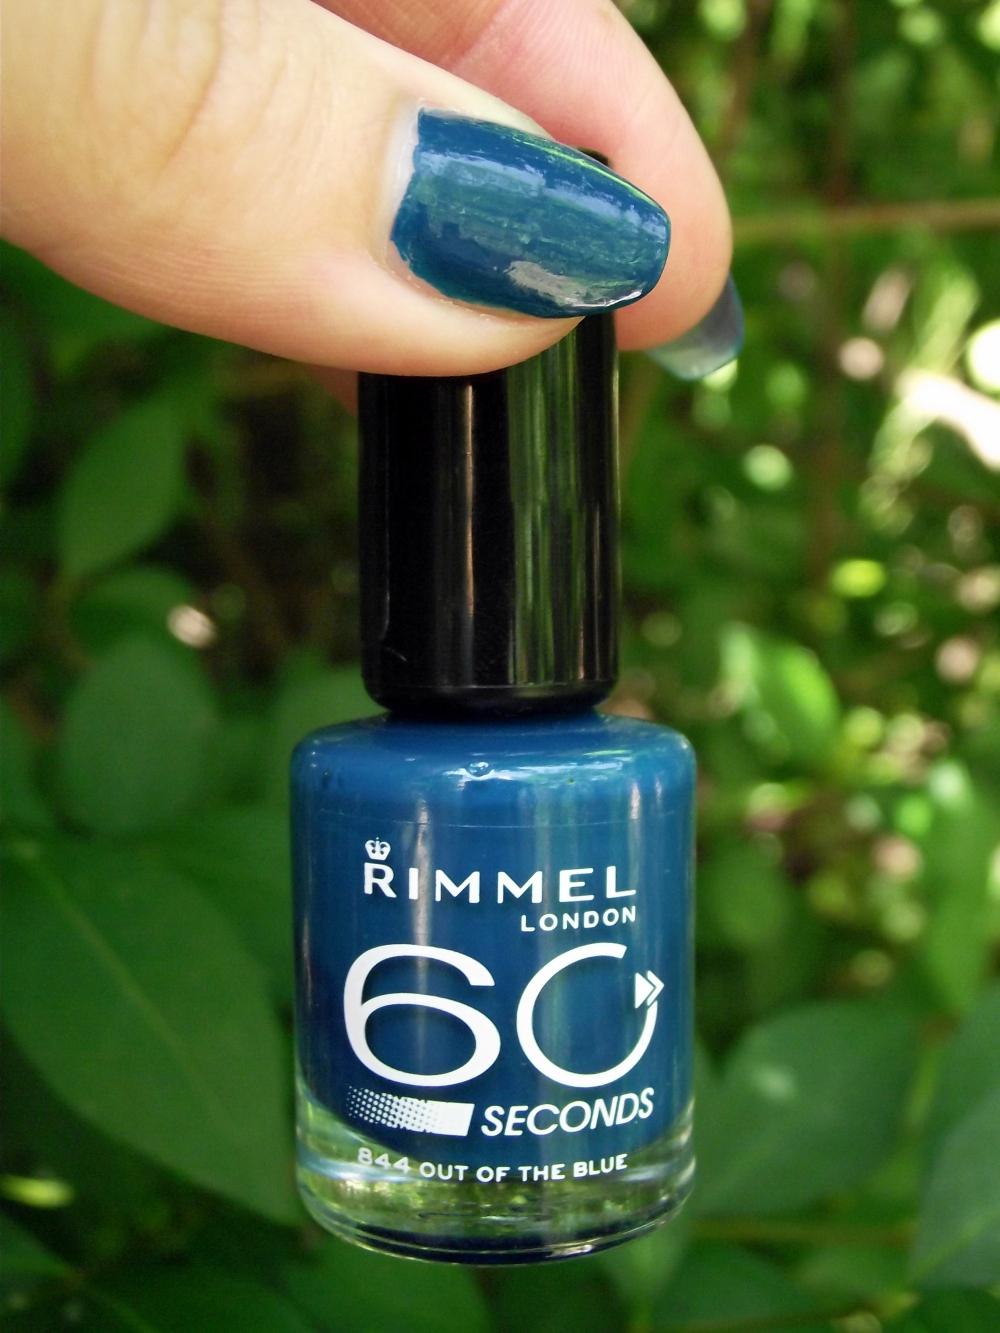 rimmel london 60 seconds nail polish (5)